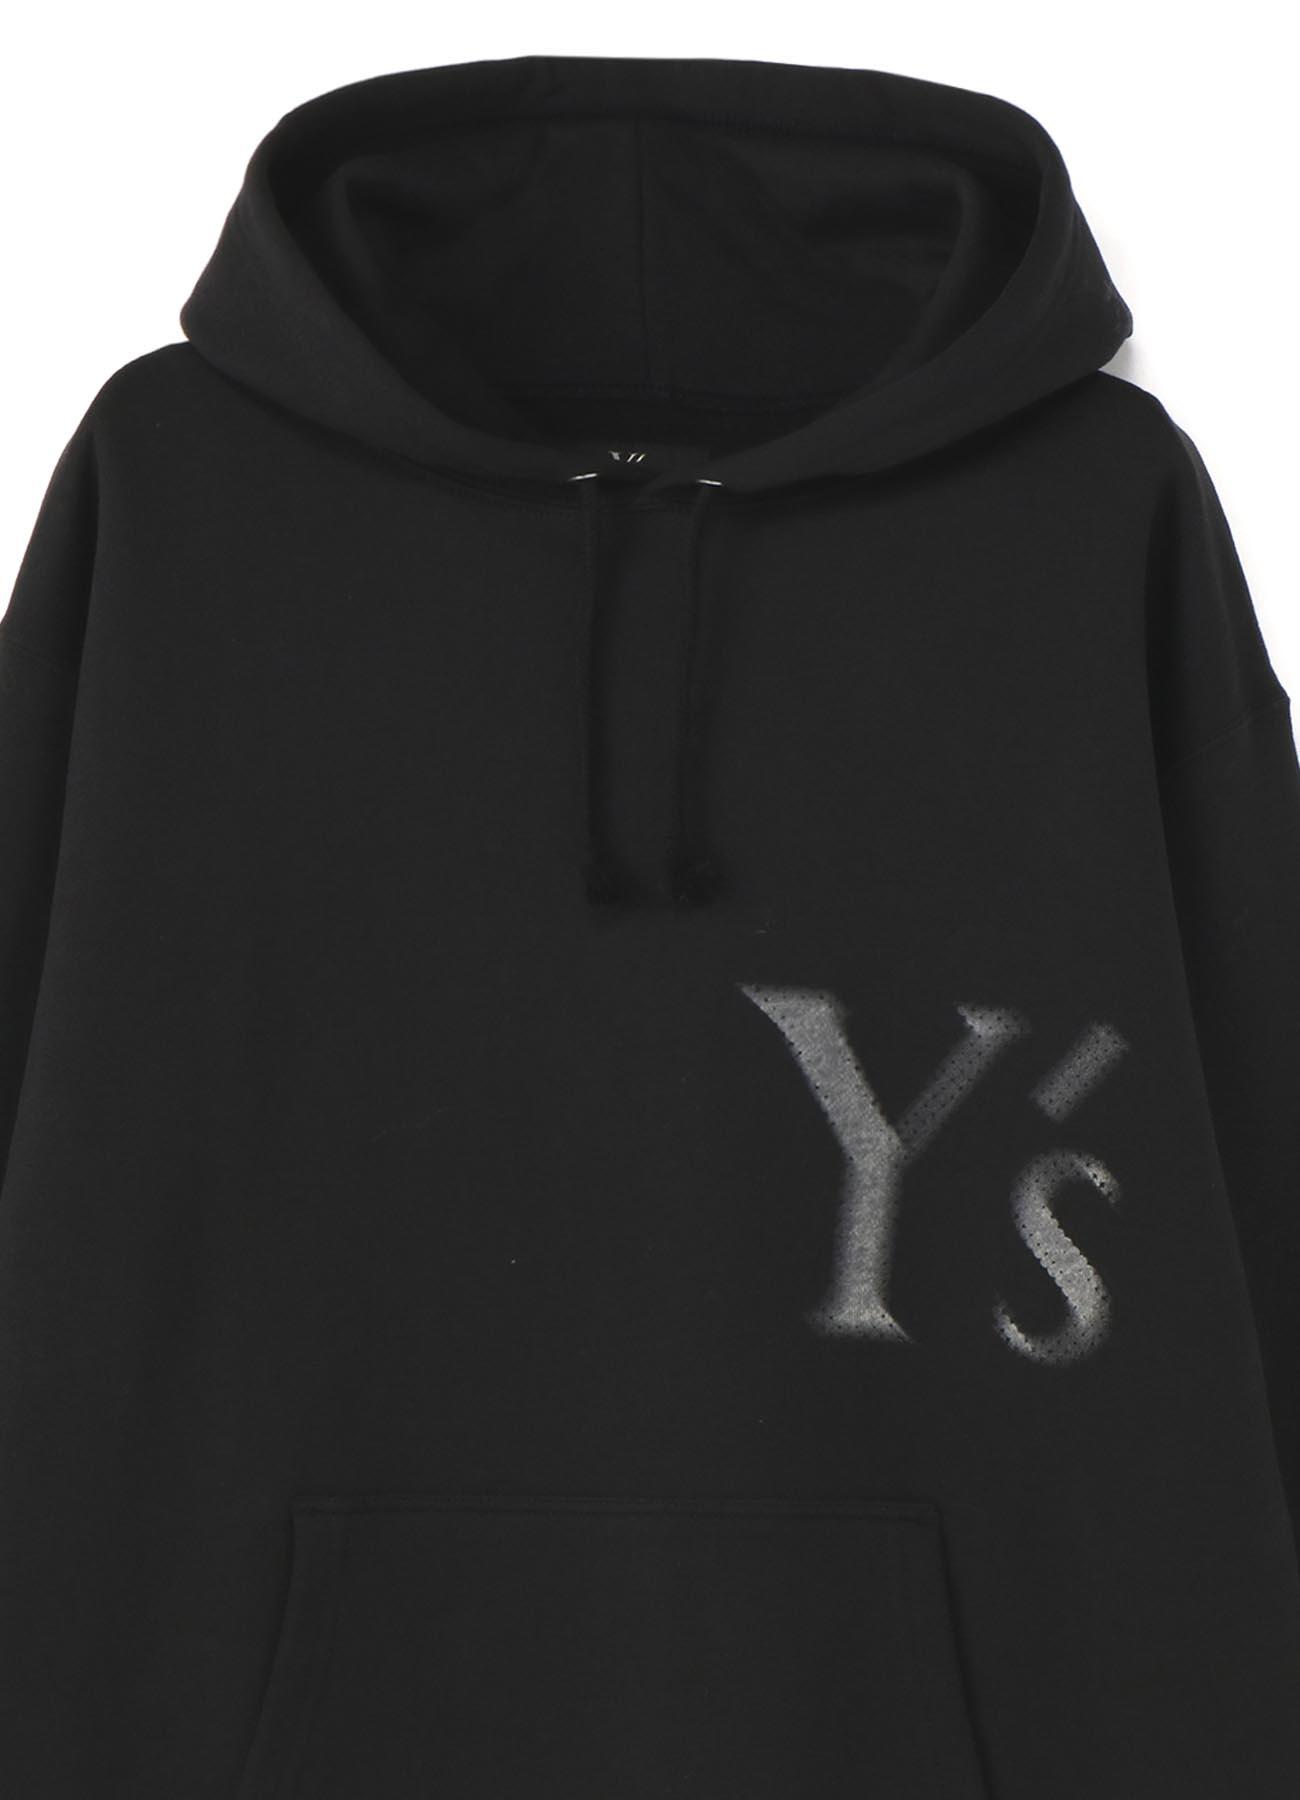 Y's EMPOWERMENT 原创帽衫